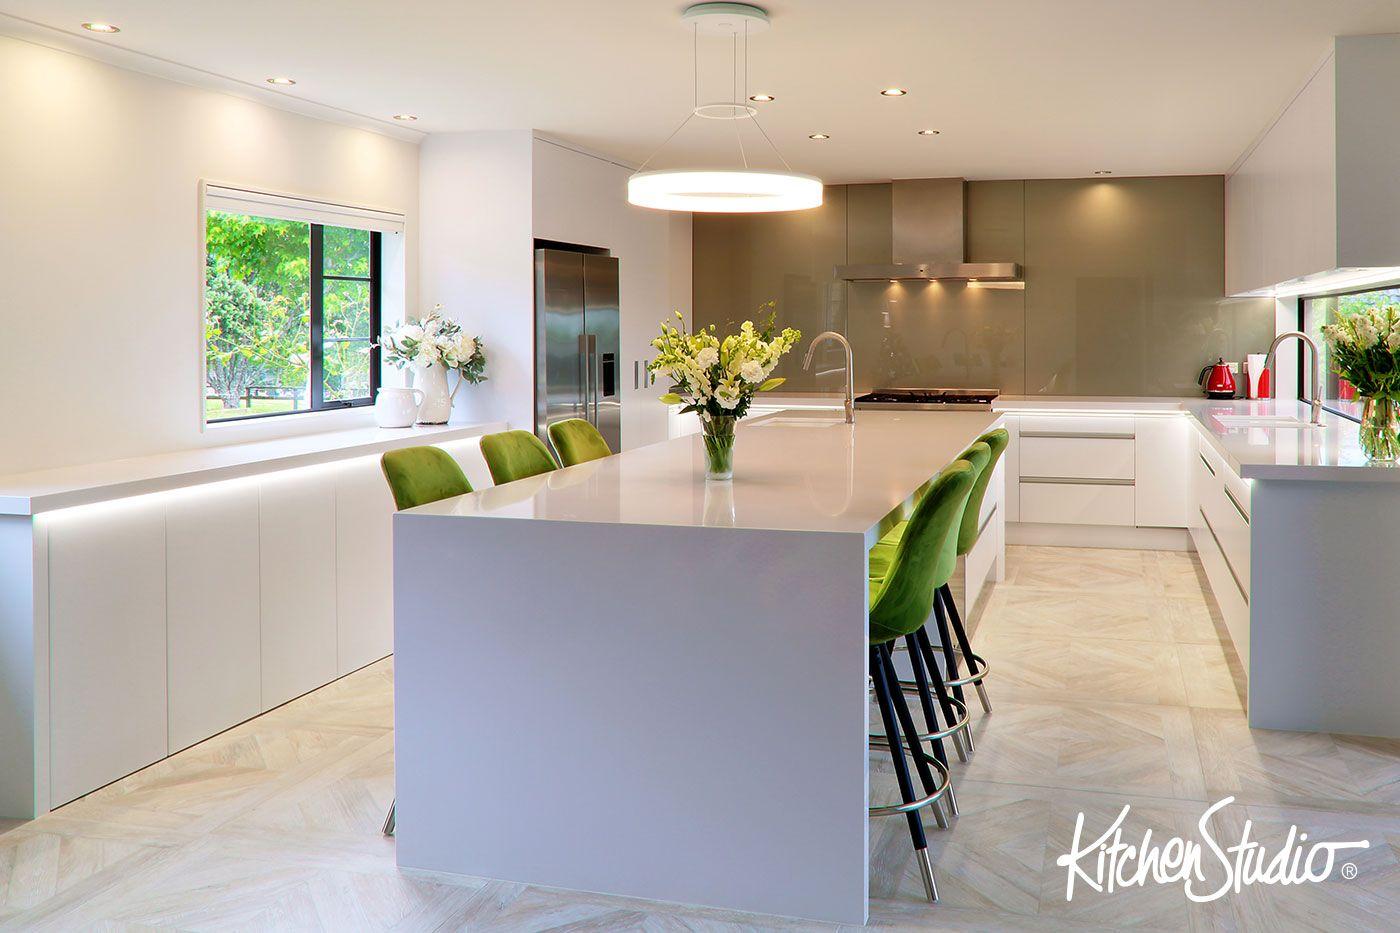 Kitchen Design Gallery Kitchen Studio With Regard To 20